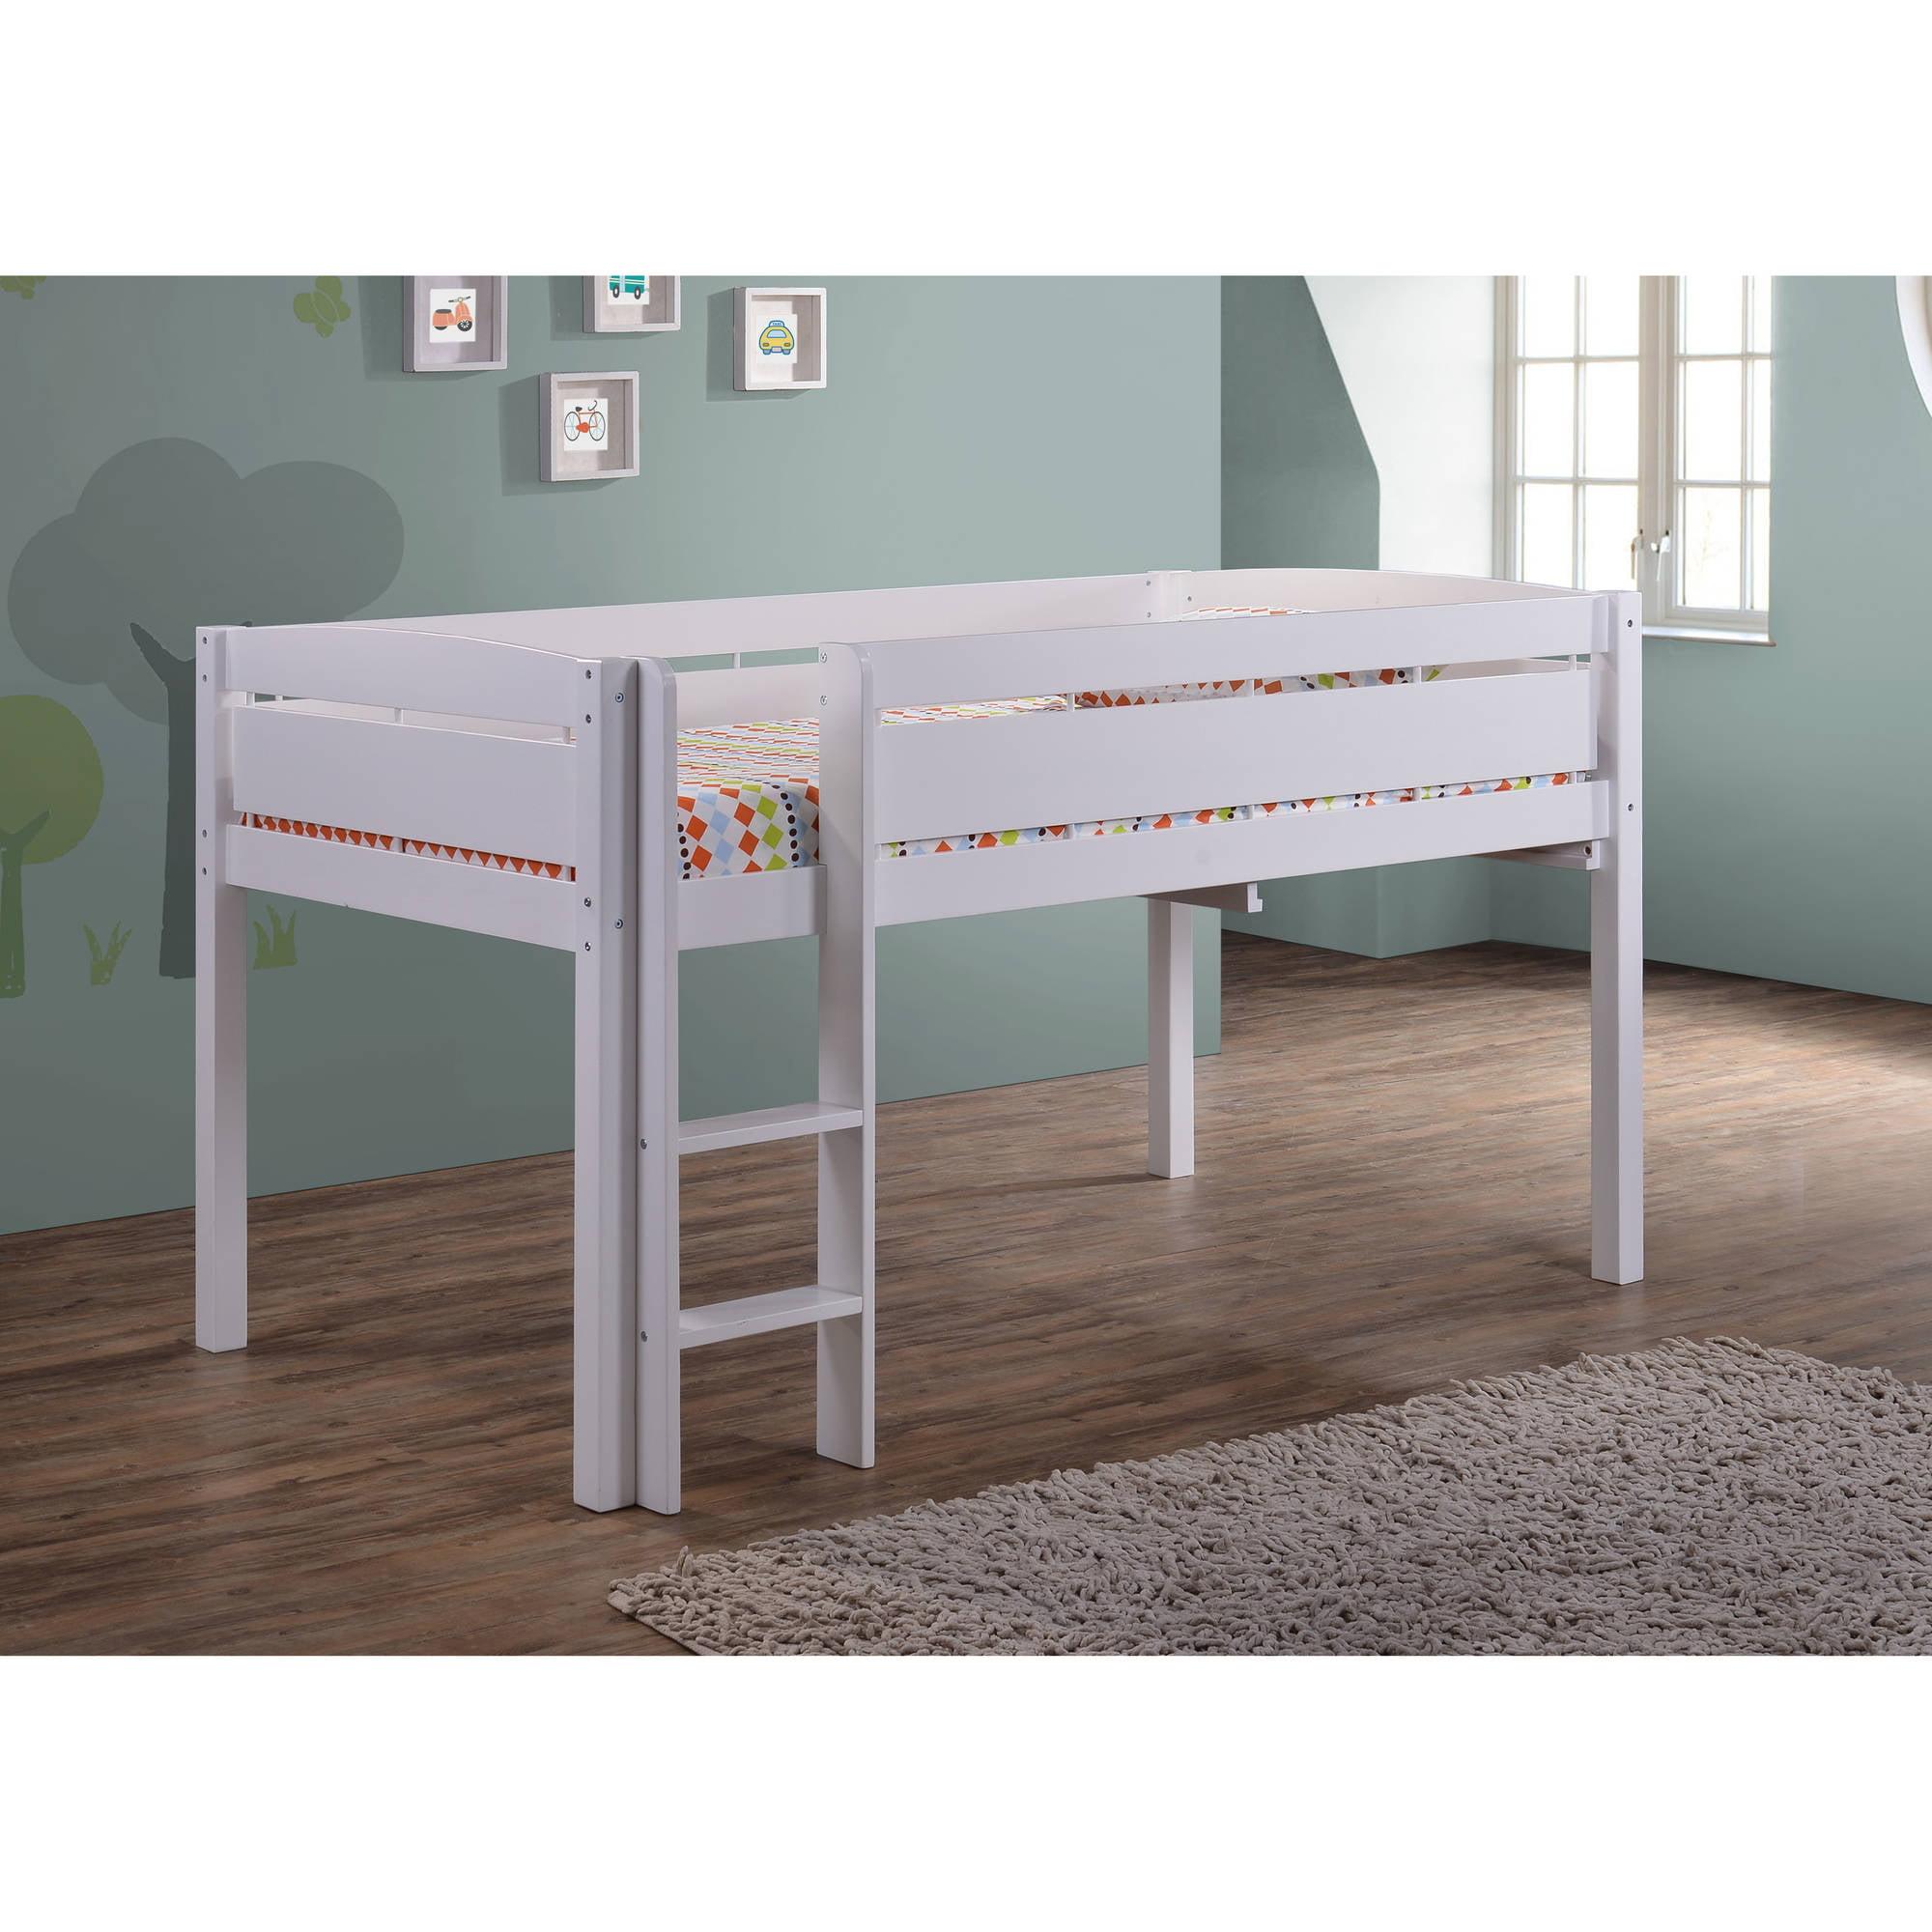 Canwood Whistler Junior Loft Bed, White